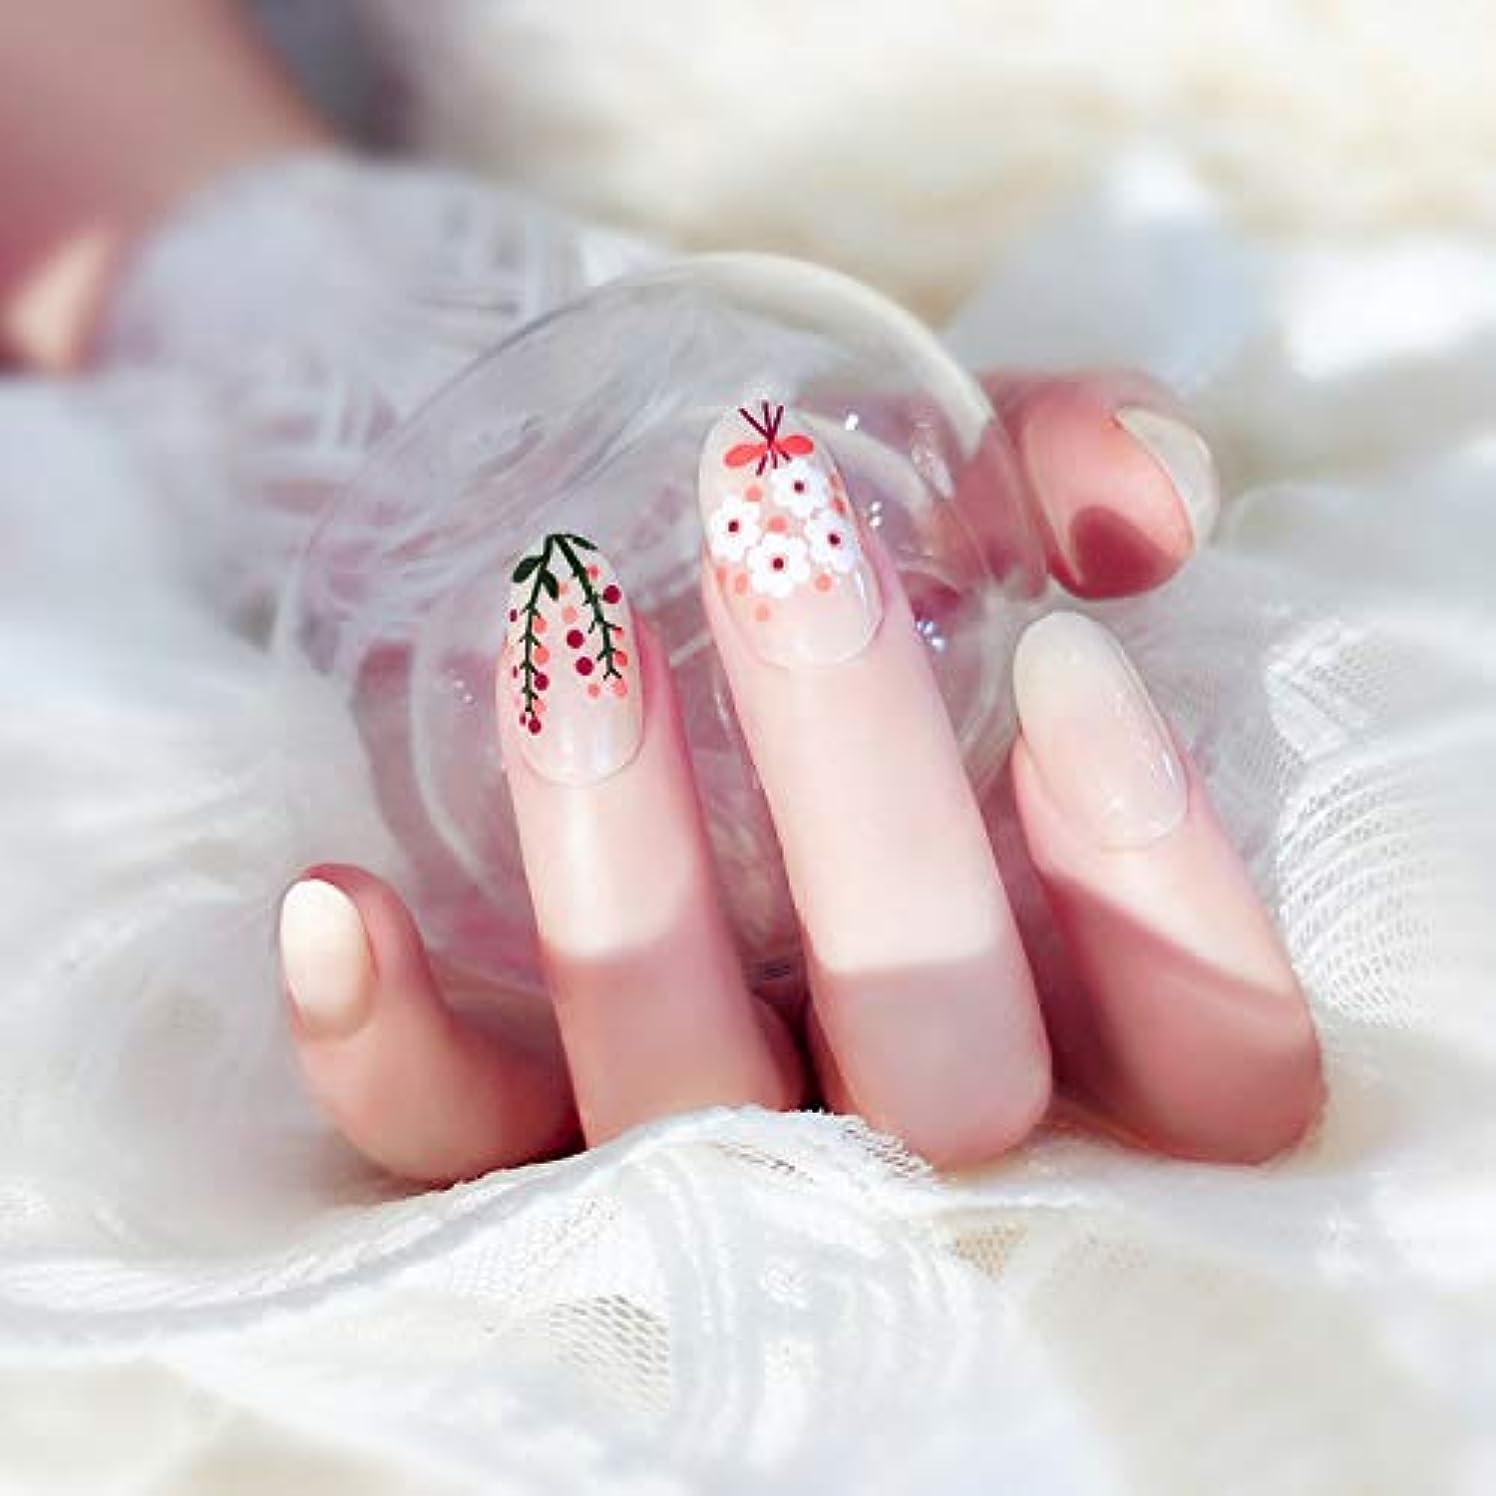 取り出すアーサーコナンドイルフォルダ24枚入 可愛い優雅ネイル 手作りネイルチップ 和装 ネイル 結婚式、パーティー、二次会など 予め接着した爪 中等長ネイルチップ (Z22)